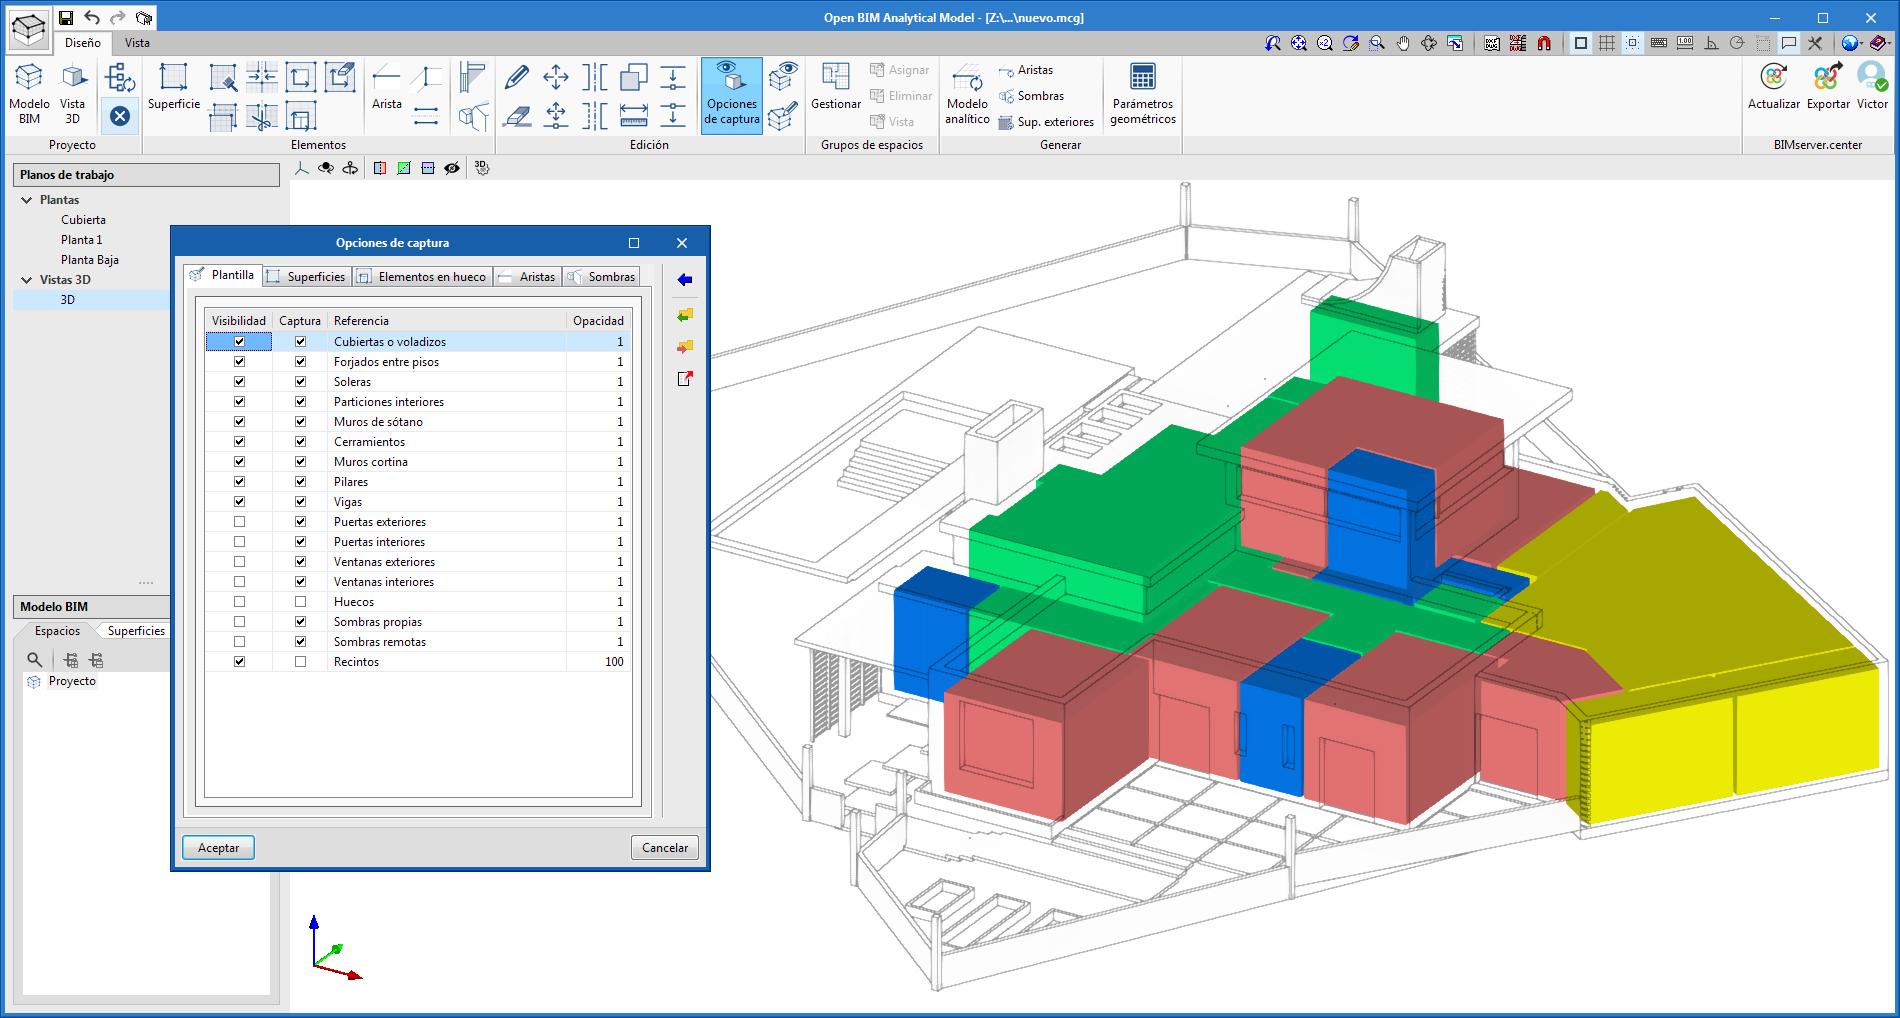 Open BIM Analytical Model. Visualización de los recintos del modelo físico